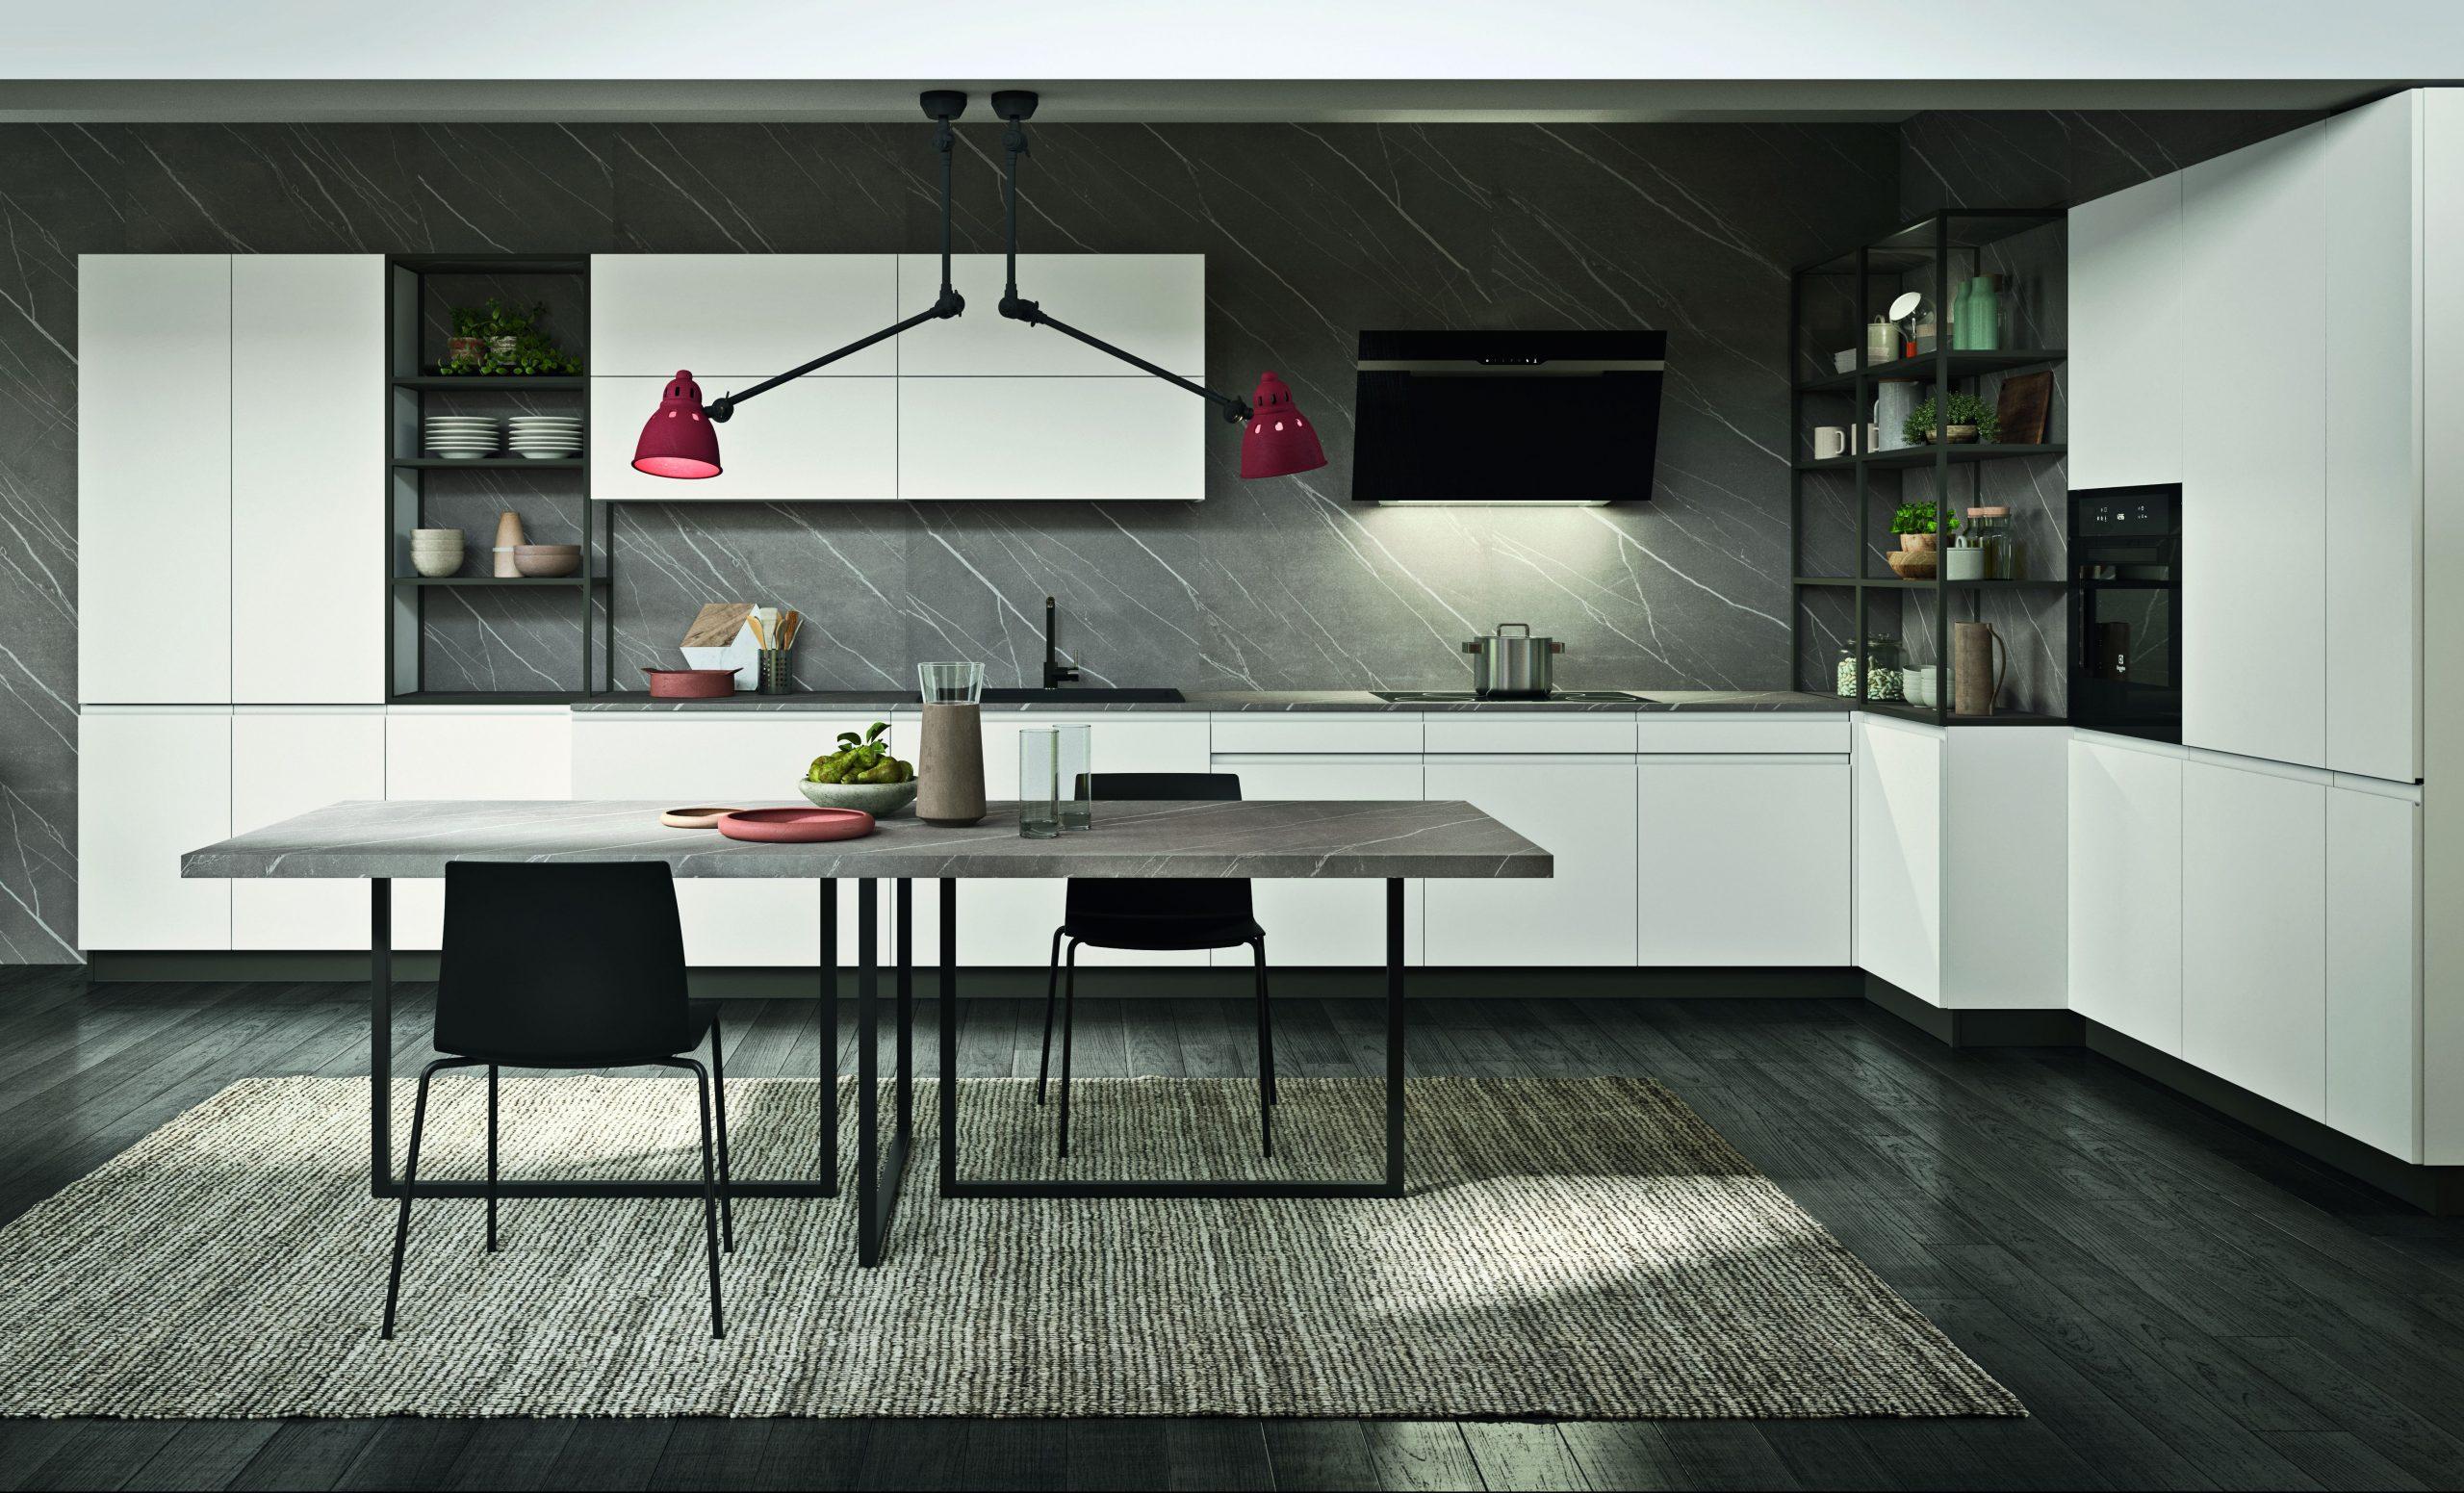 Composizione di cucina bianca laccata moderna con contrasti neri